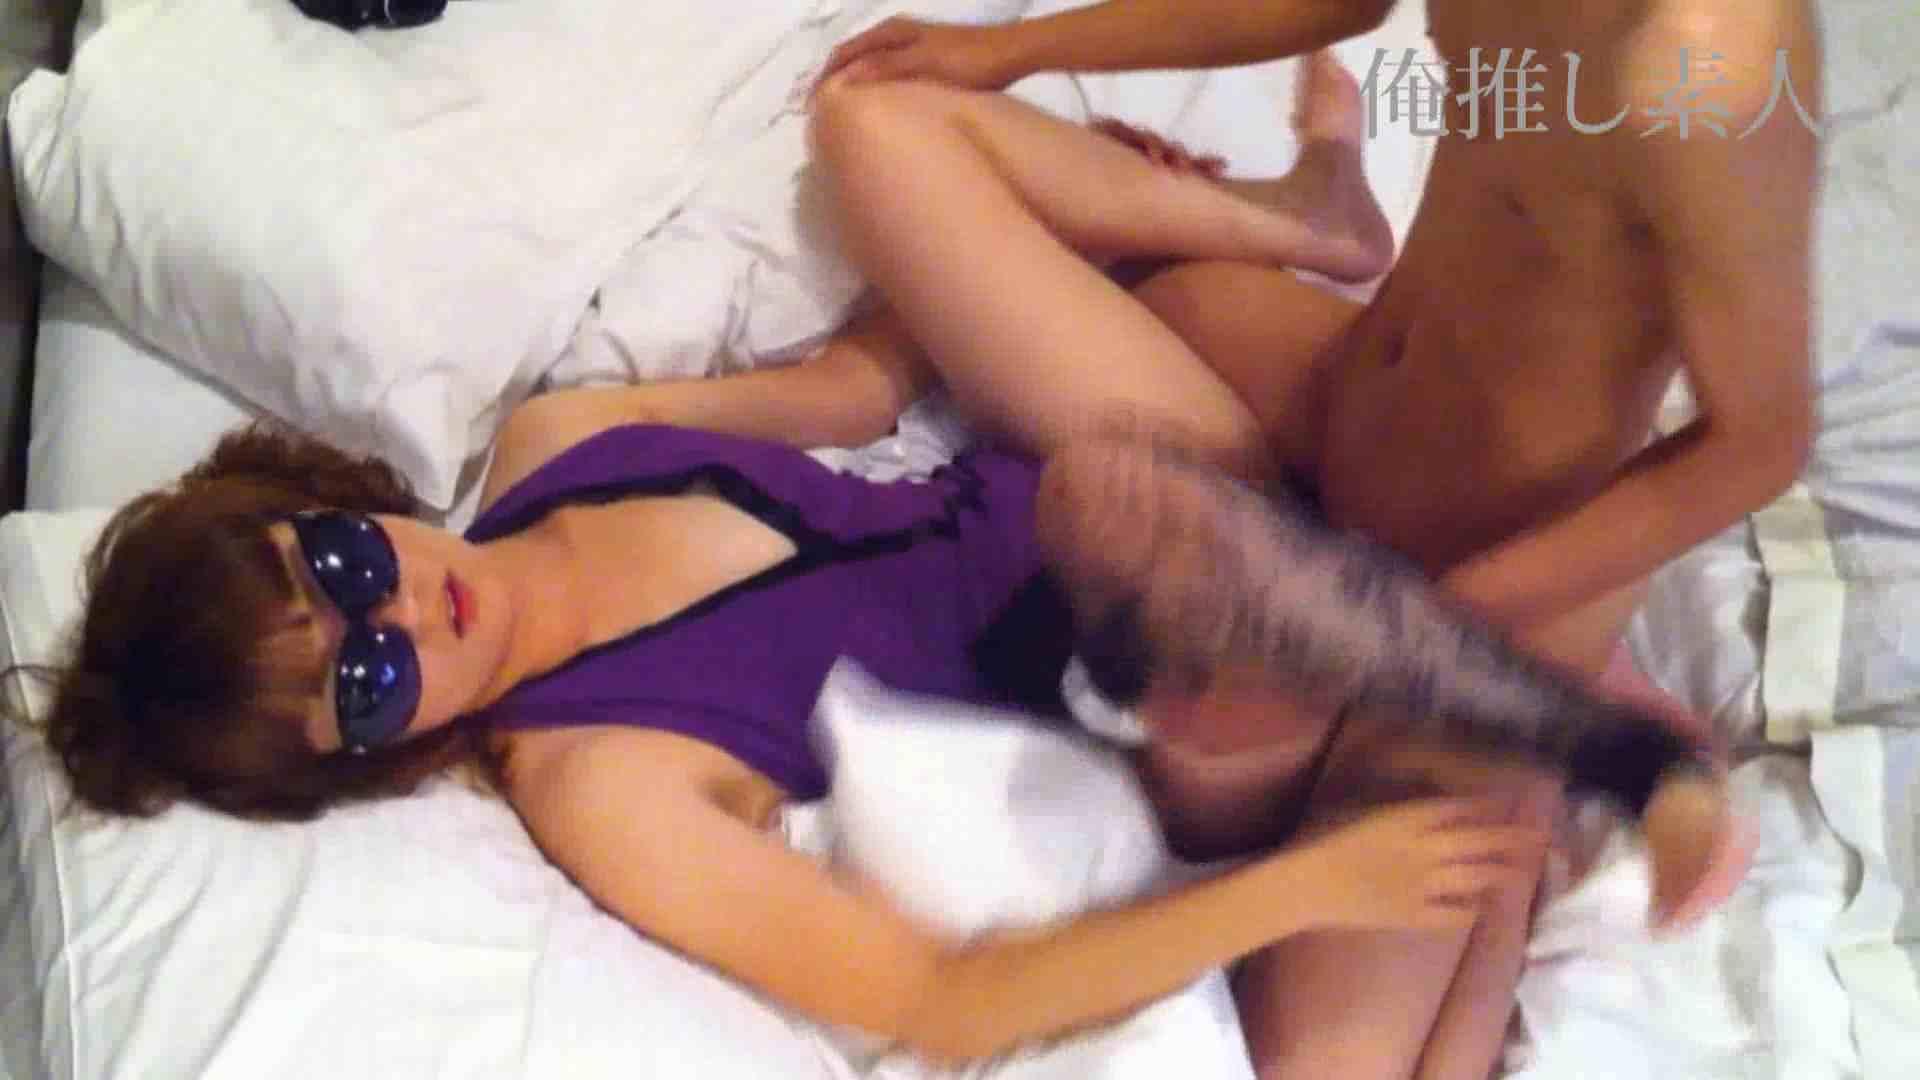 俺推し素人 キャバクラ嬢26歳久美vol2 一般投稿 | おっぱい特集  85pic 61